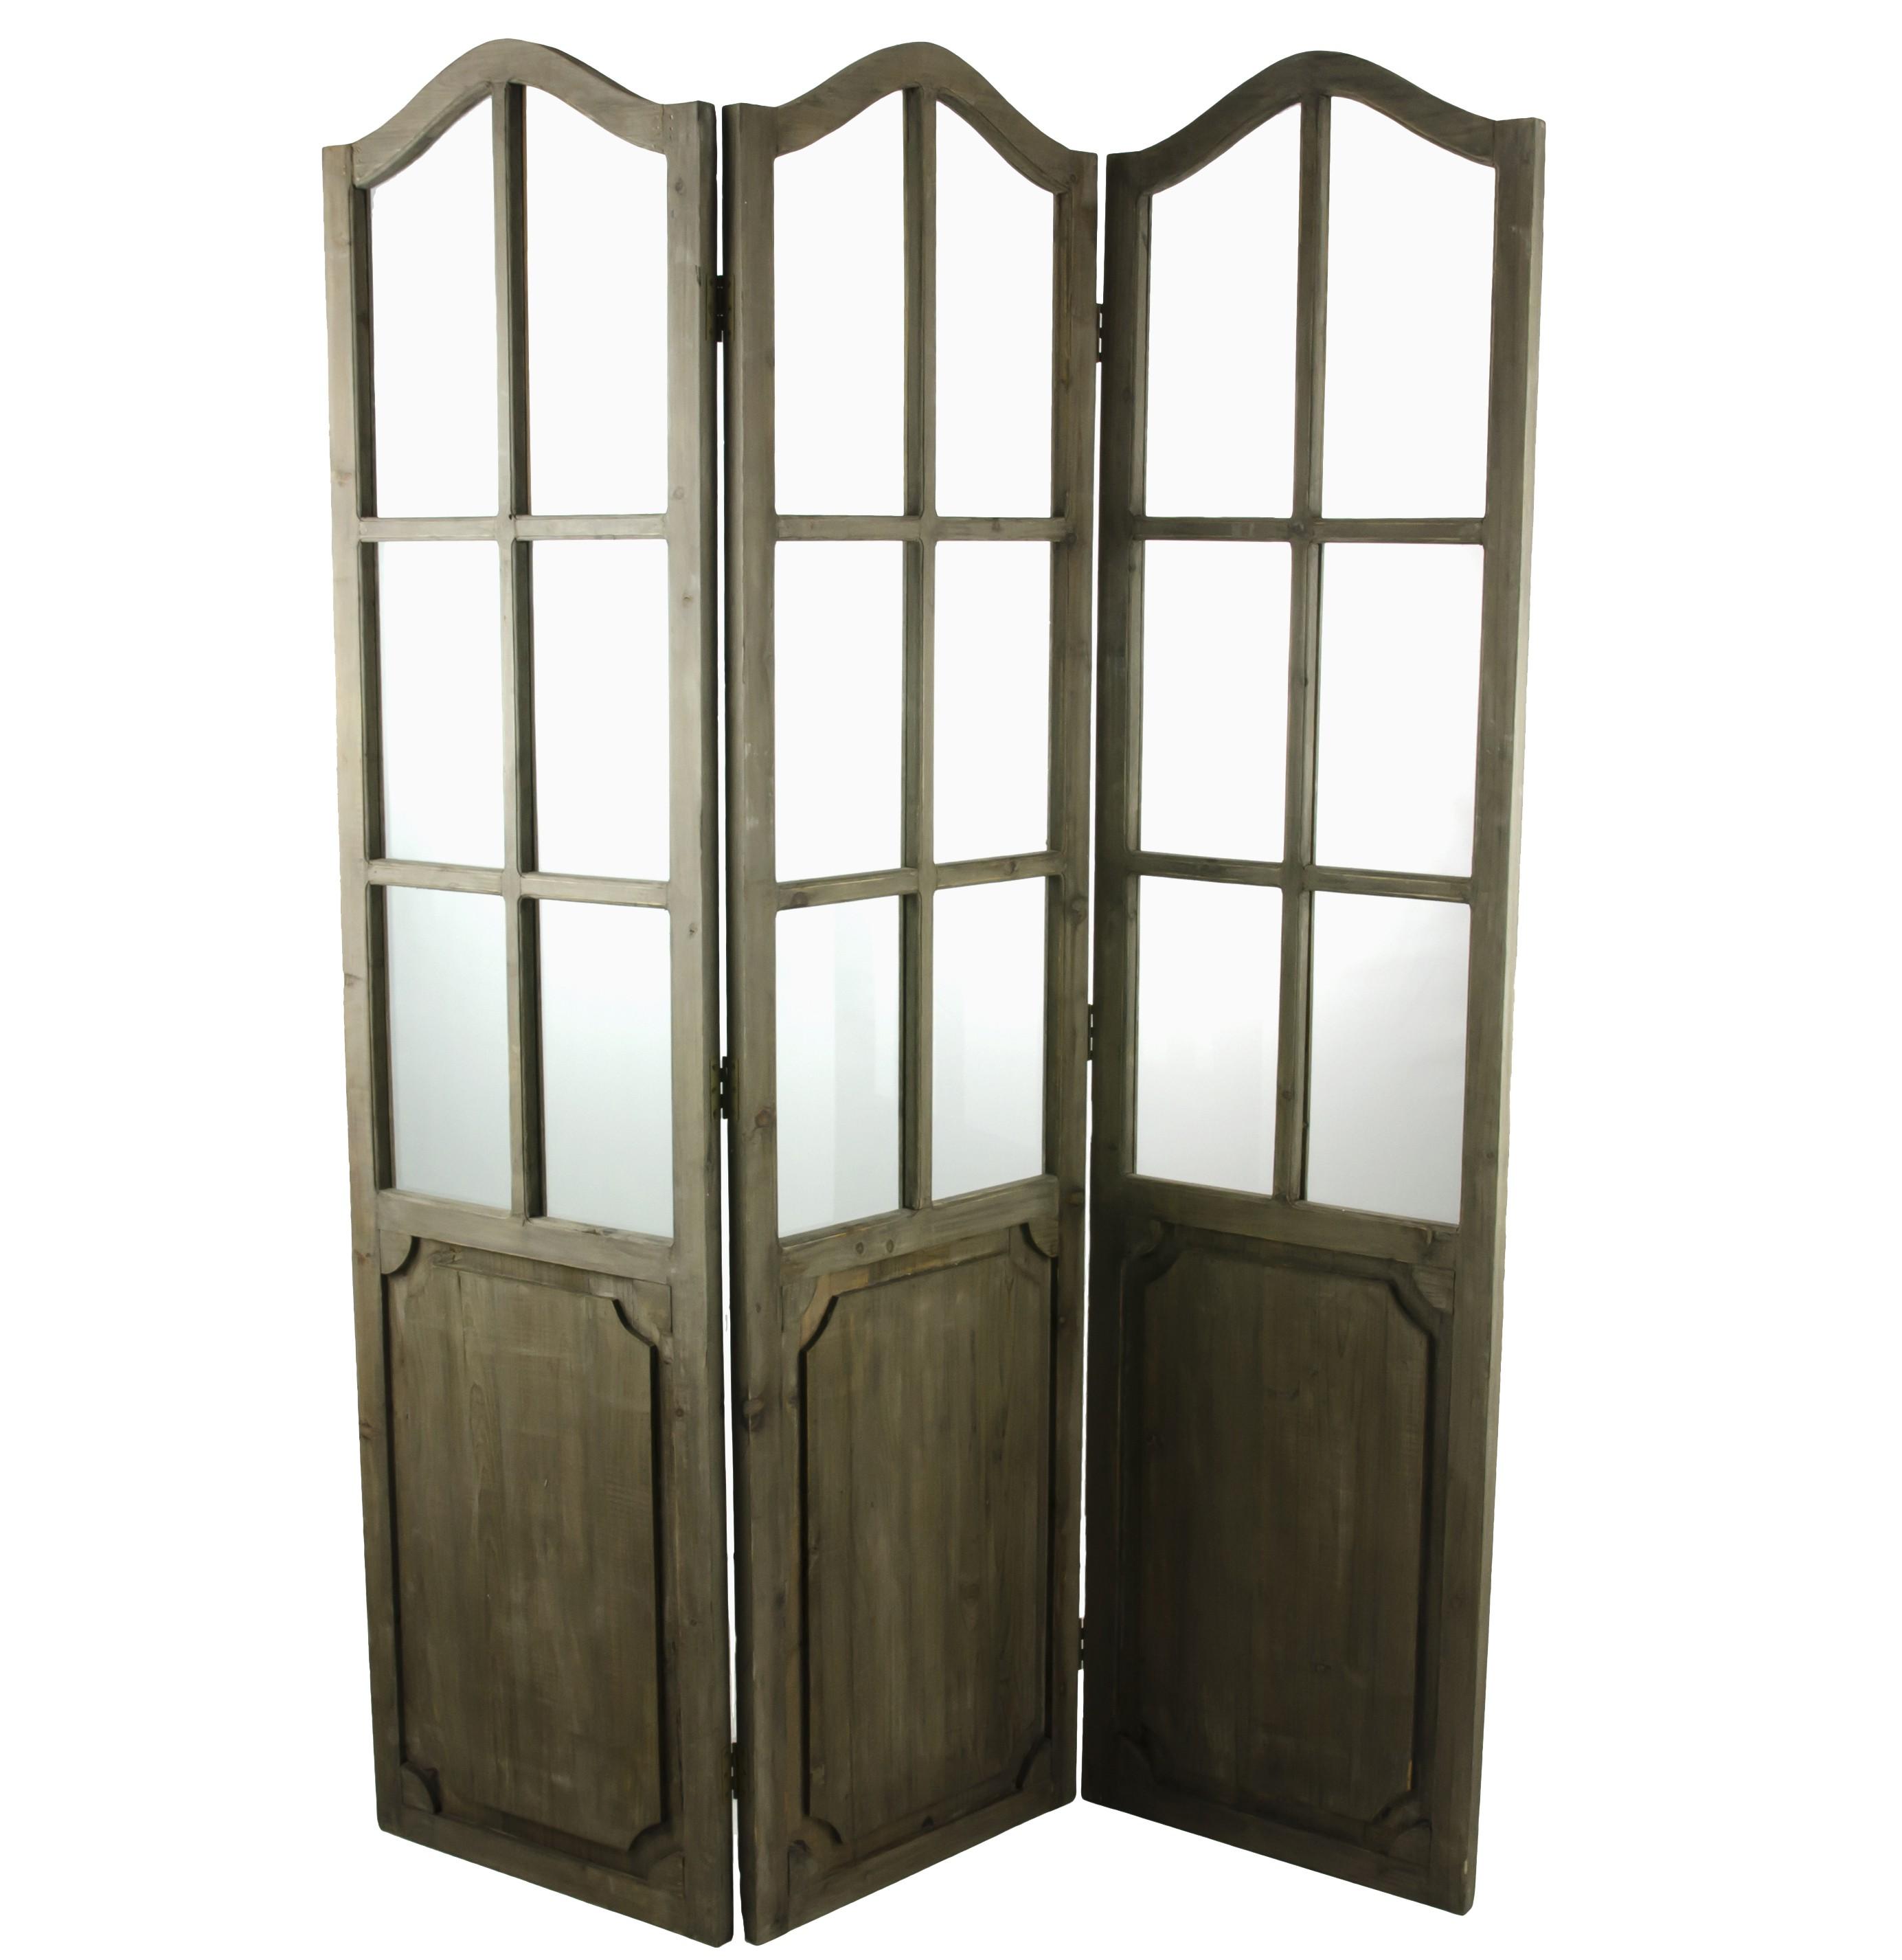 grand paravent à 3 ventaux séparation de pièce en bois & verre